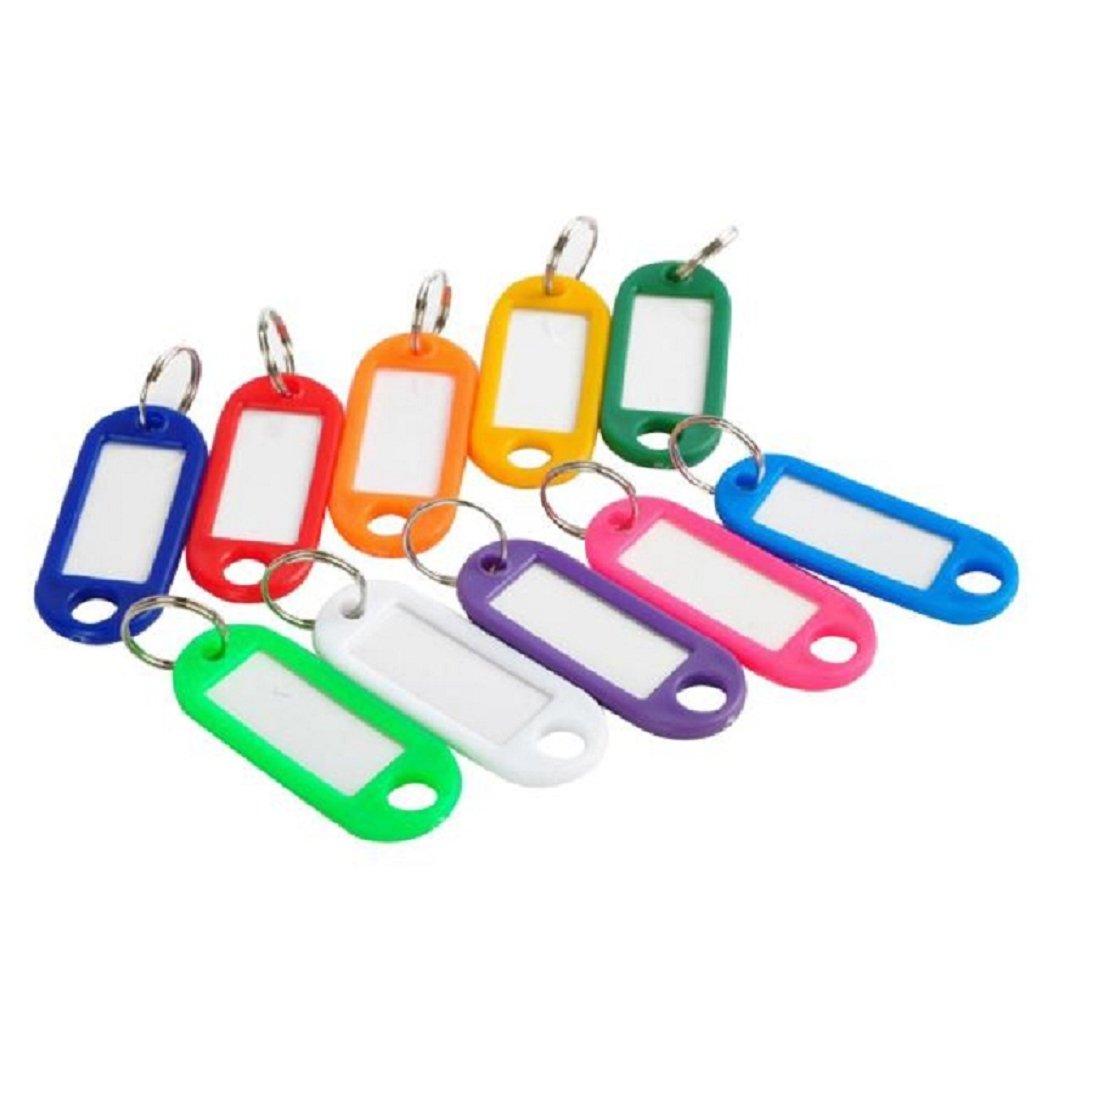 Llaveros 100Pcs,Zolimx Llaves Plásticas Multicolors Etiquetas Anillos Dominantes Clasificados con Etiquetas de Identificación Etiqueta de la Tarjeta ...